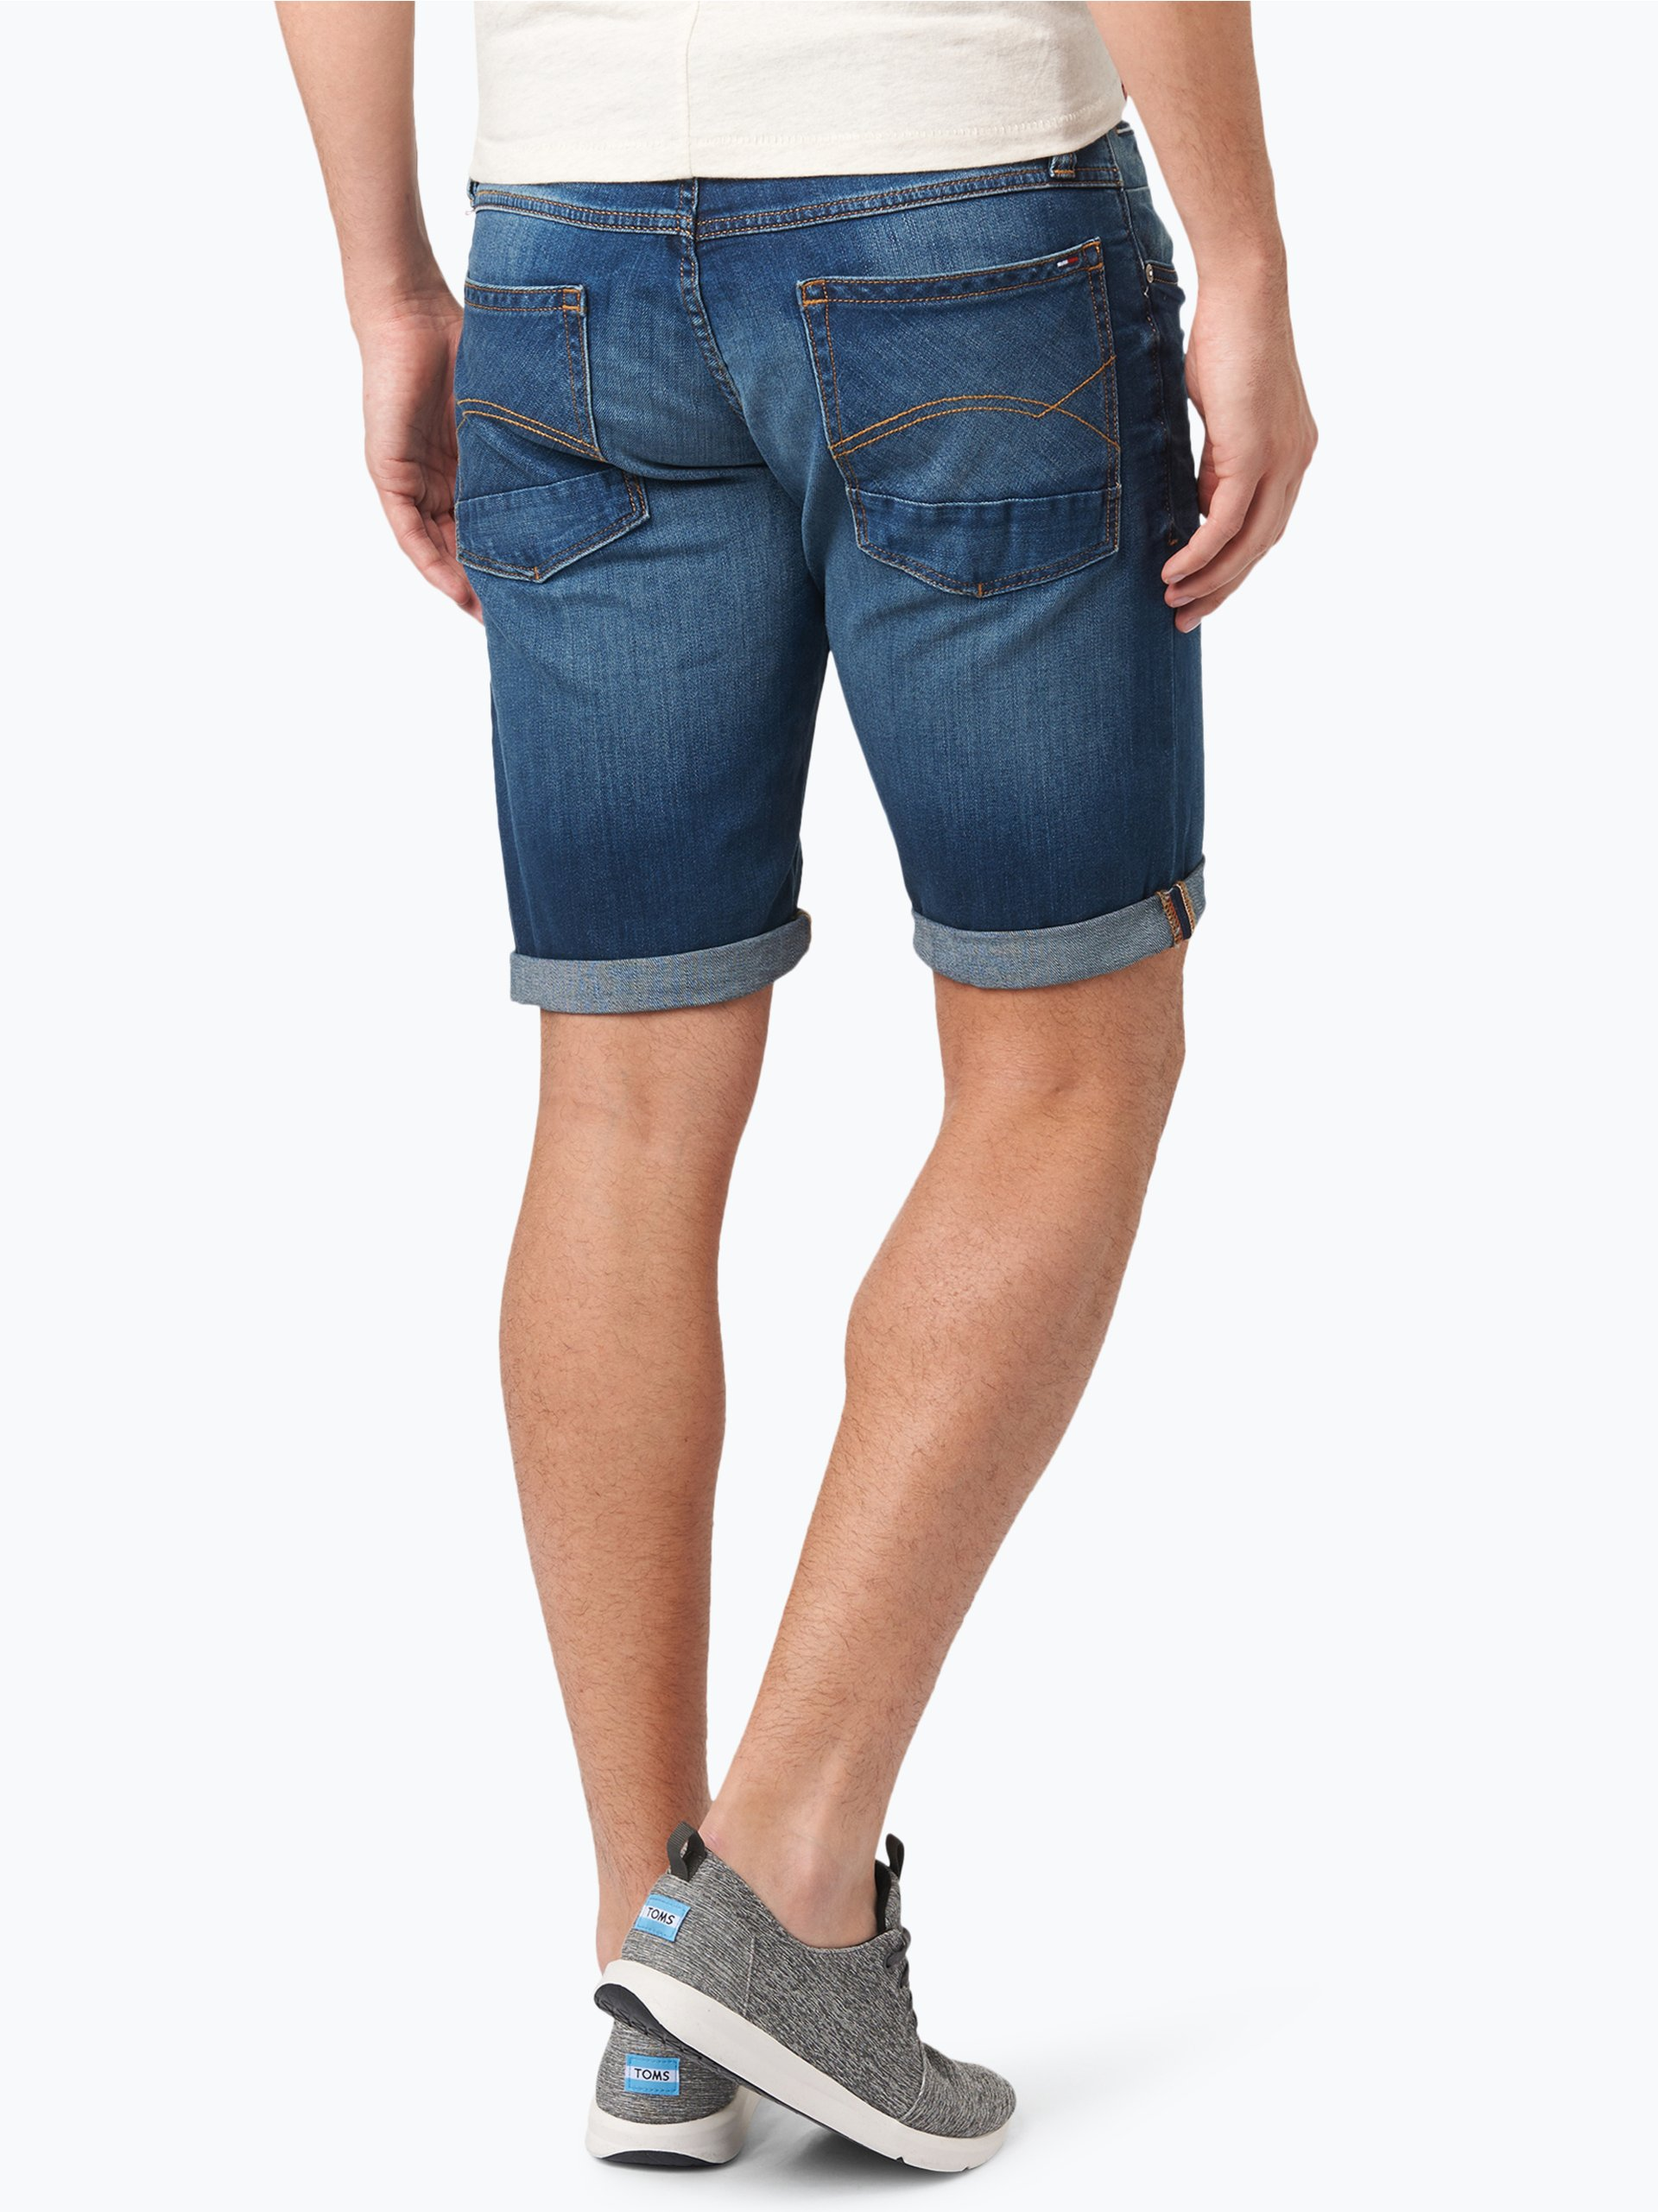 hilfiger denim herren jeans bermuda ronnie hellblau uni online kaufen peek und cloppenburg de. Black Bedroom Furniture Sets. Home Design Ideas